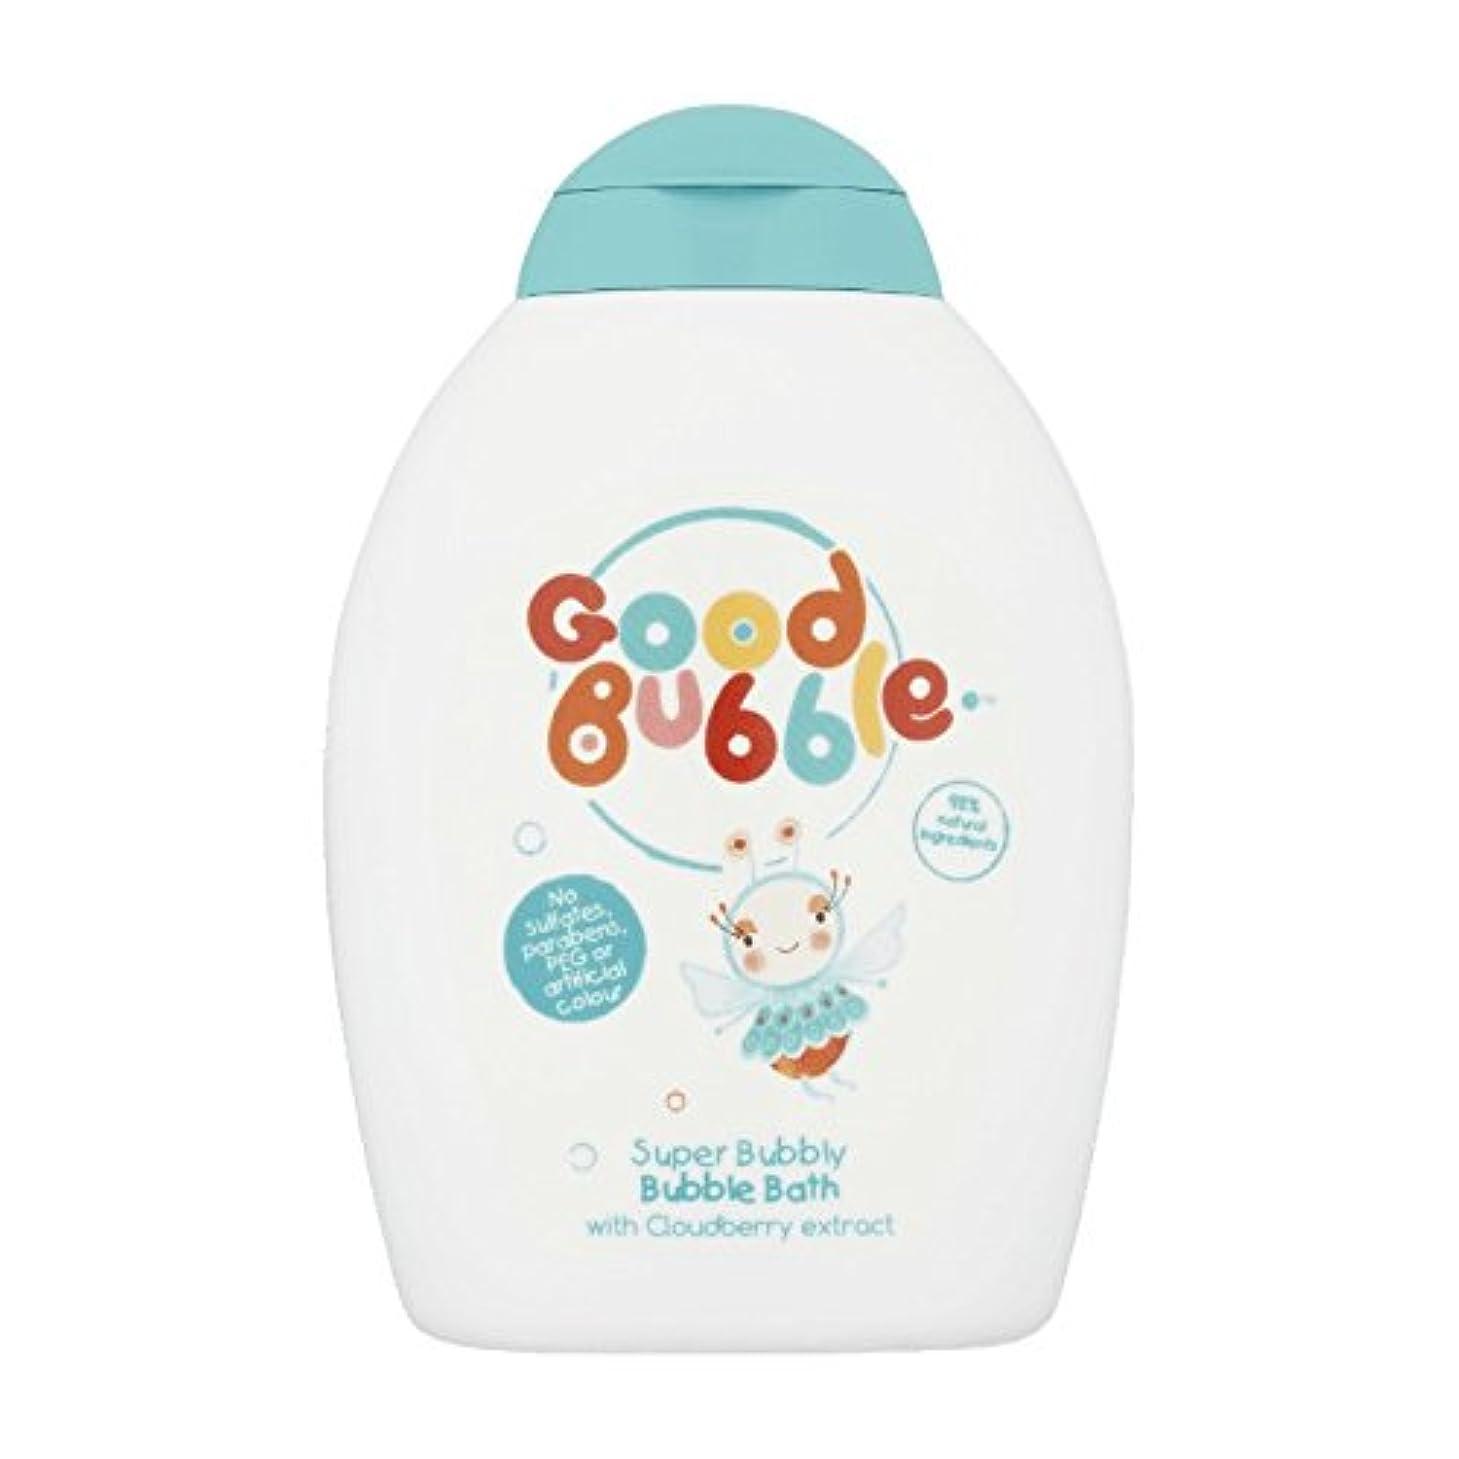 最小化する歌課税良いバブルクラウドベリーバブルバス400ミリリットル - Good Bubble Cloudberry Bubble Bath 400ml (Good Bubble) [並行輸入品]